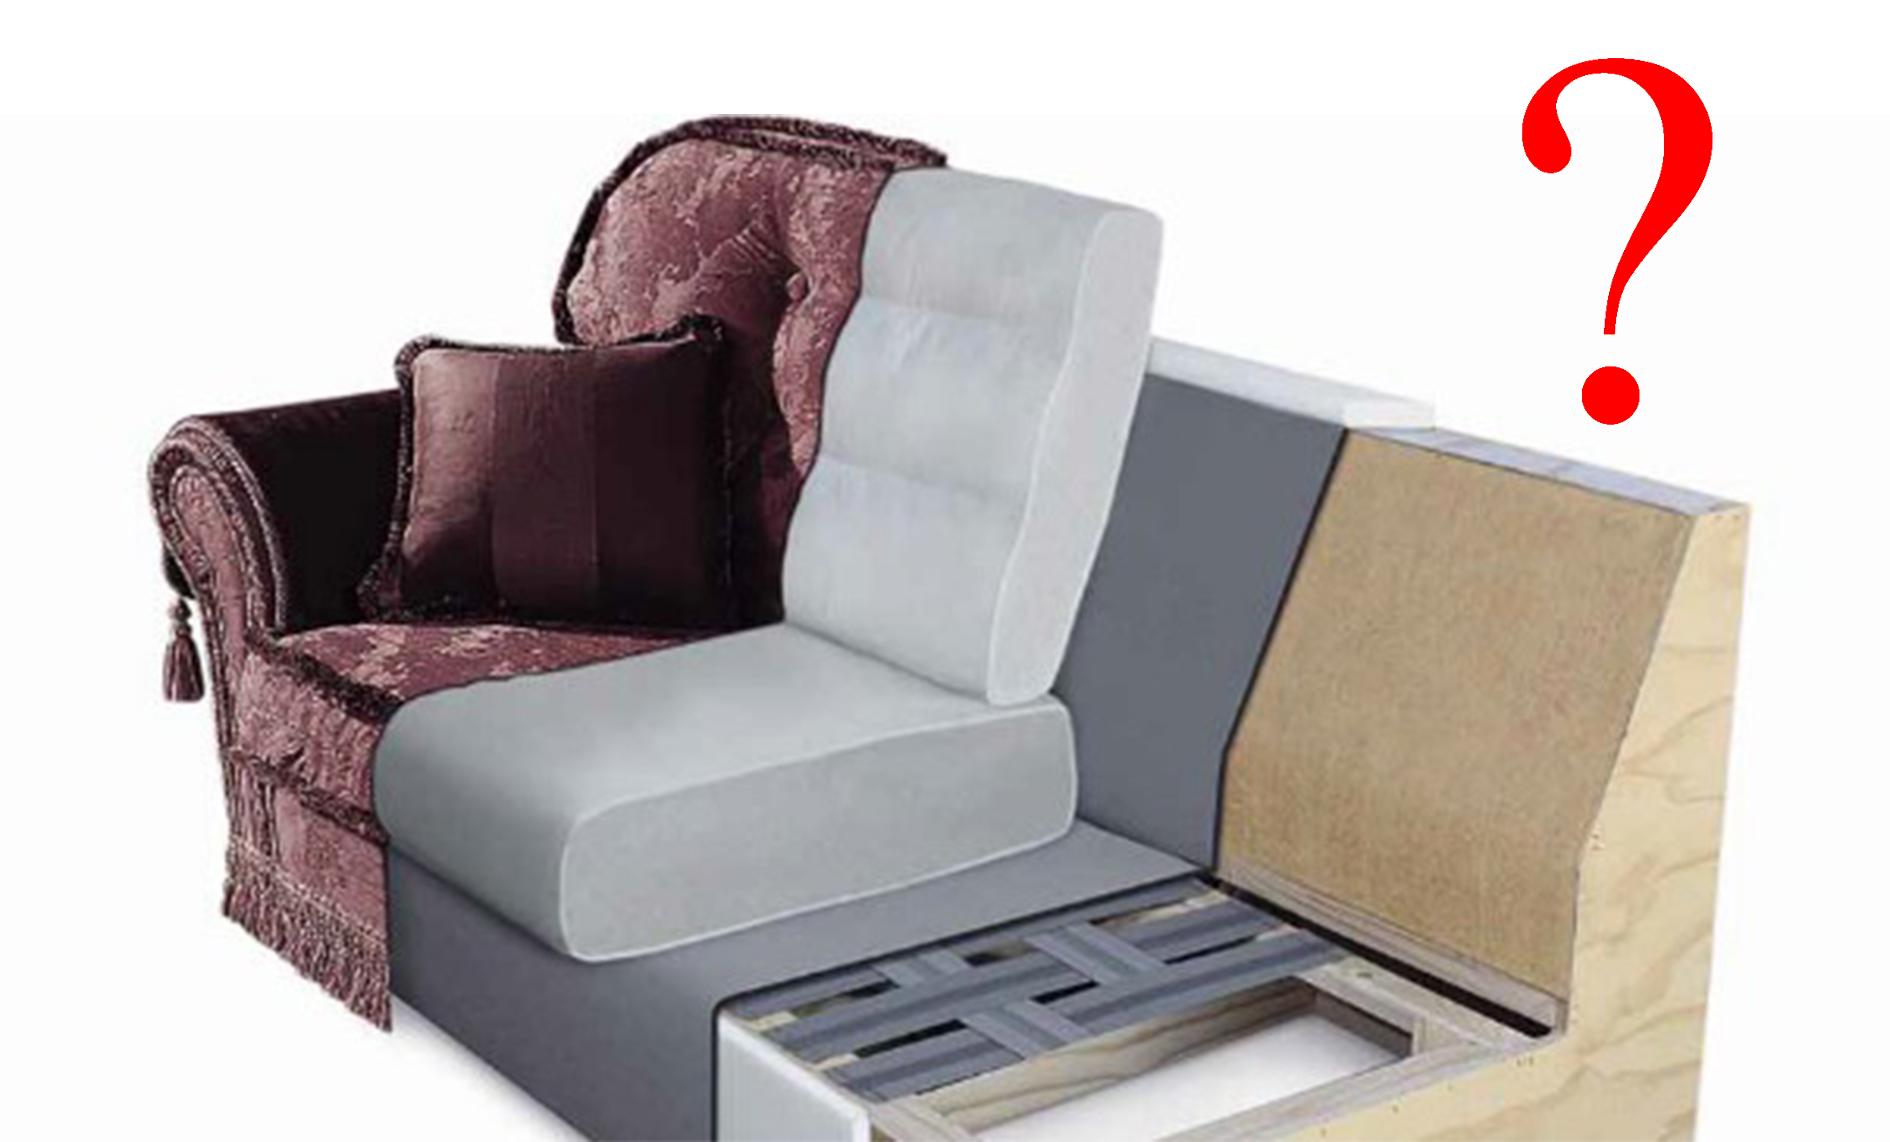 какой диван выбрать пружинный или пенополиуретановый?